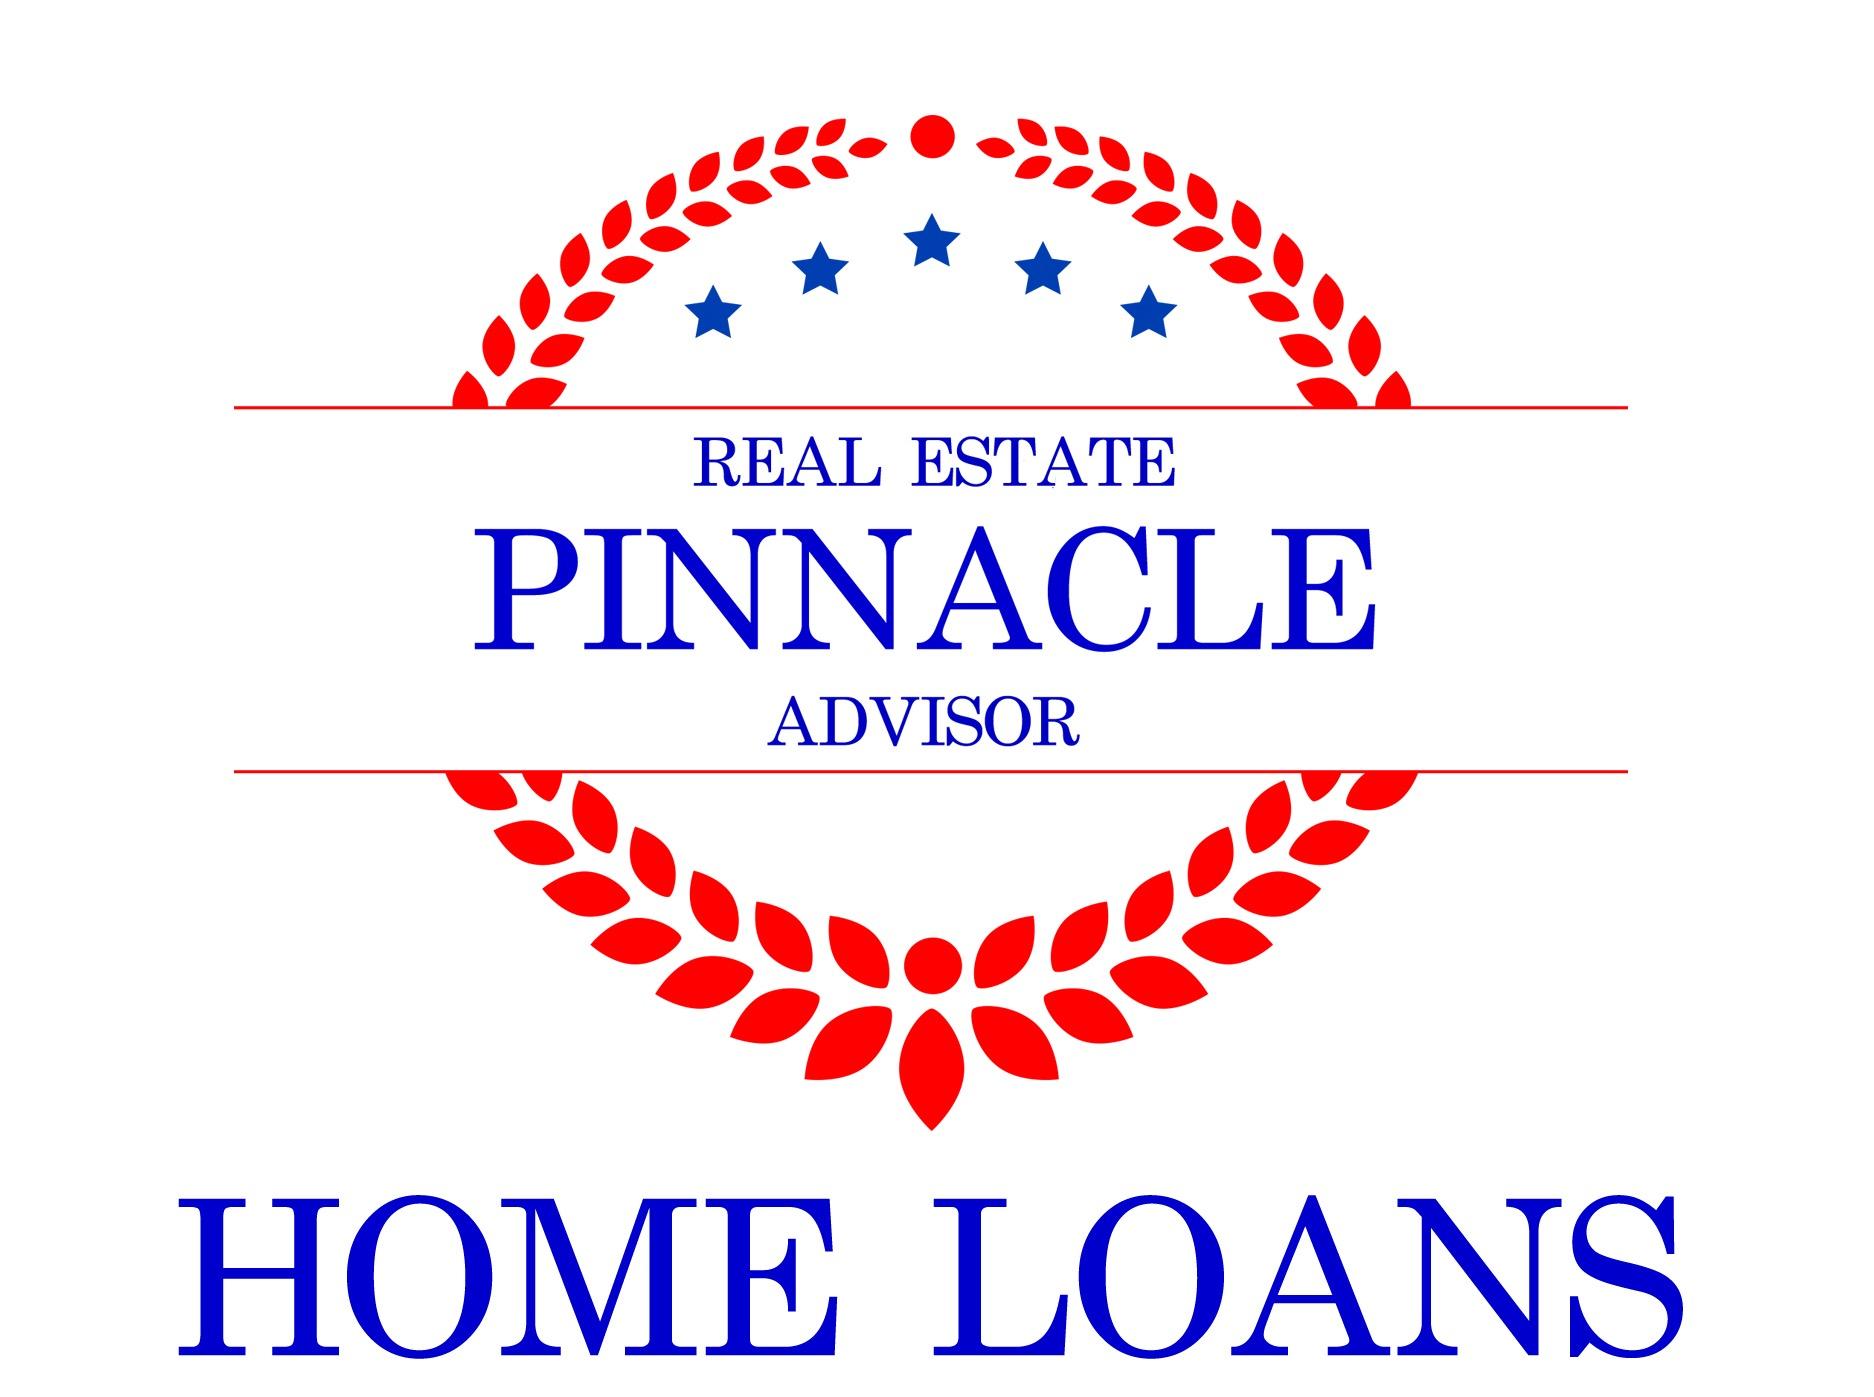 pinnacle HOME LOANS BEST